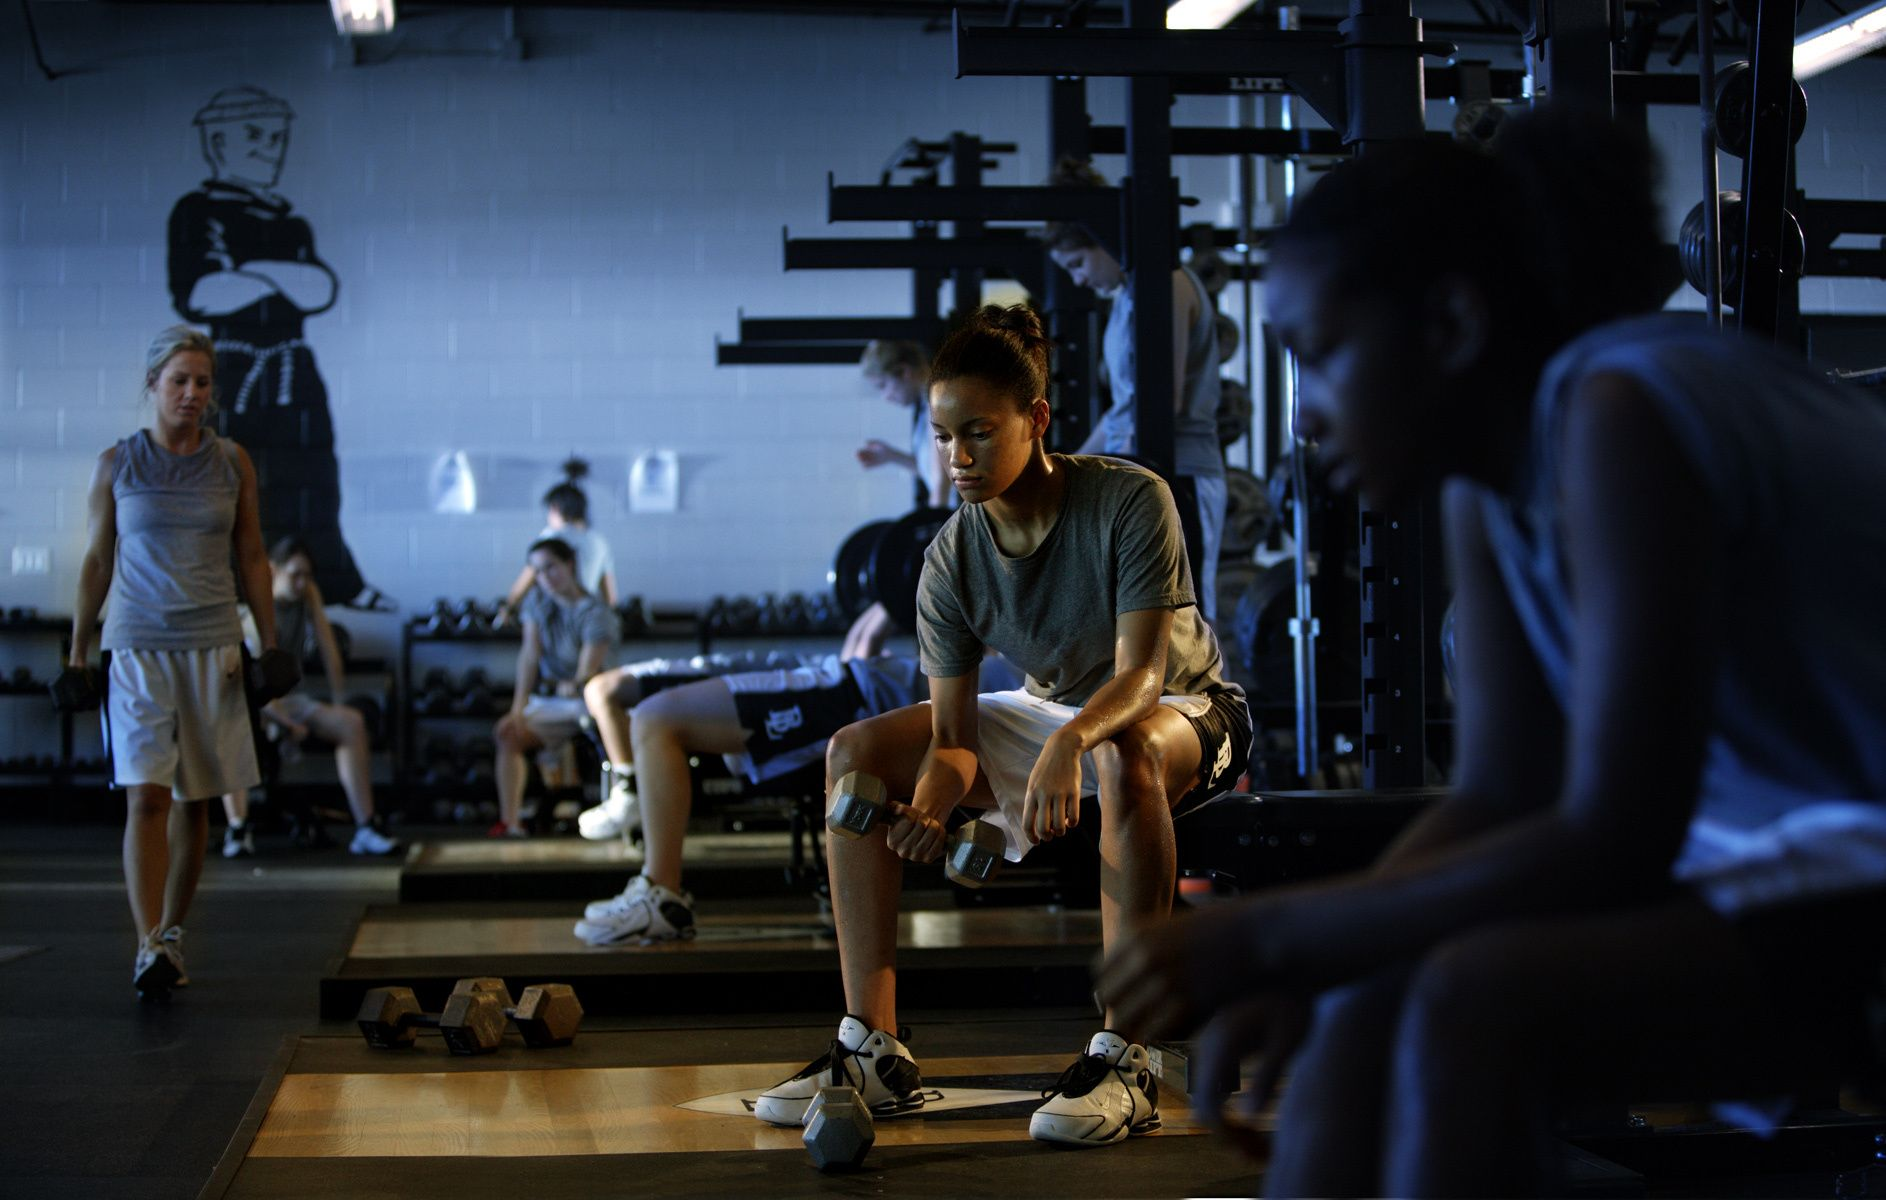 Women workout gym